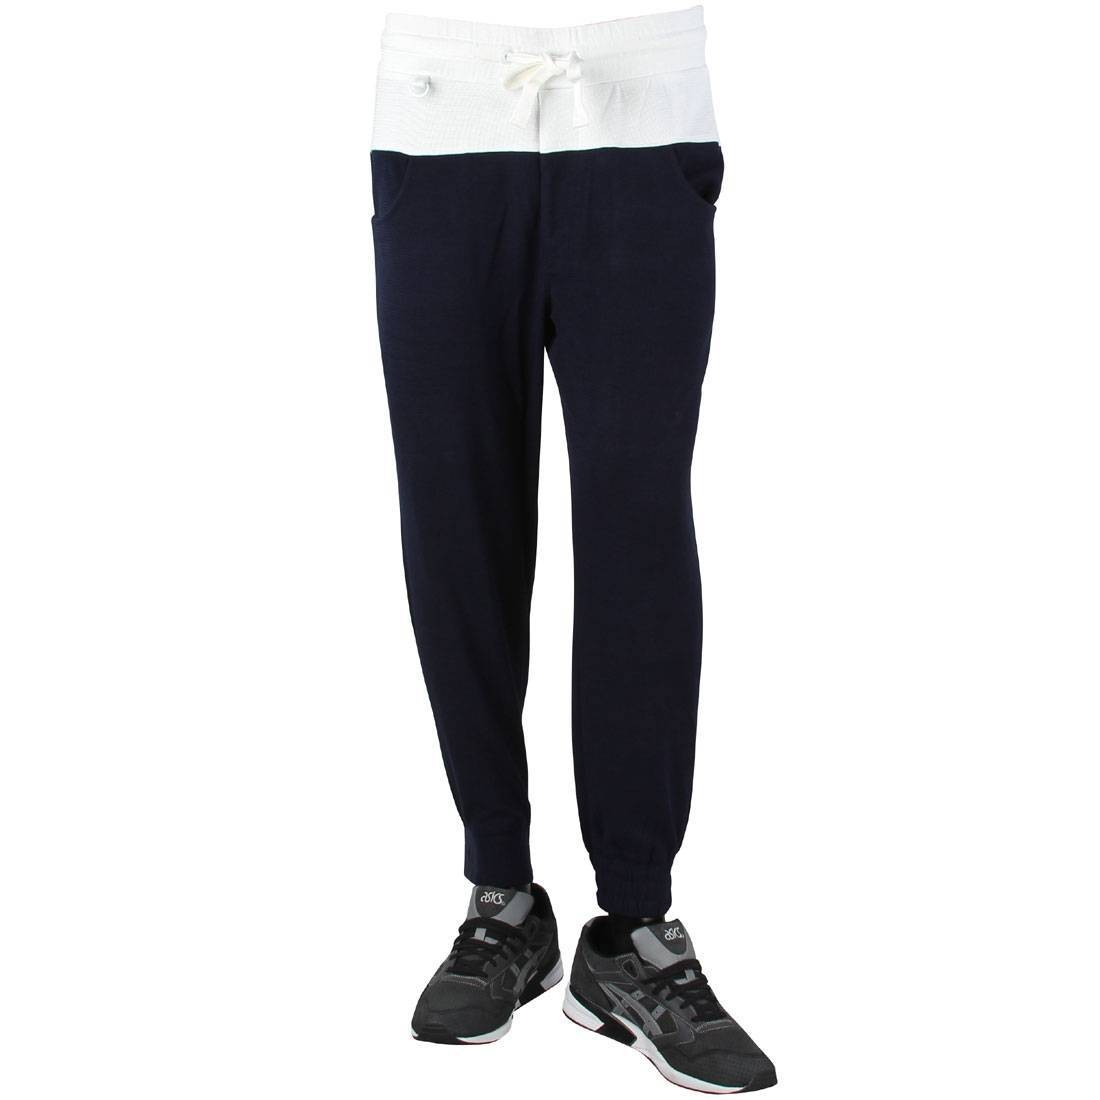 ワッフル 紺 ネイビー 【 NAVY CLOT MEN WAFFLE SWEATPANTS 】 メンズファッション ズボン パンツ